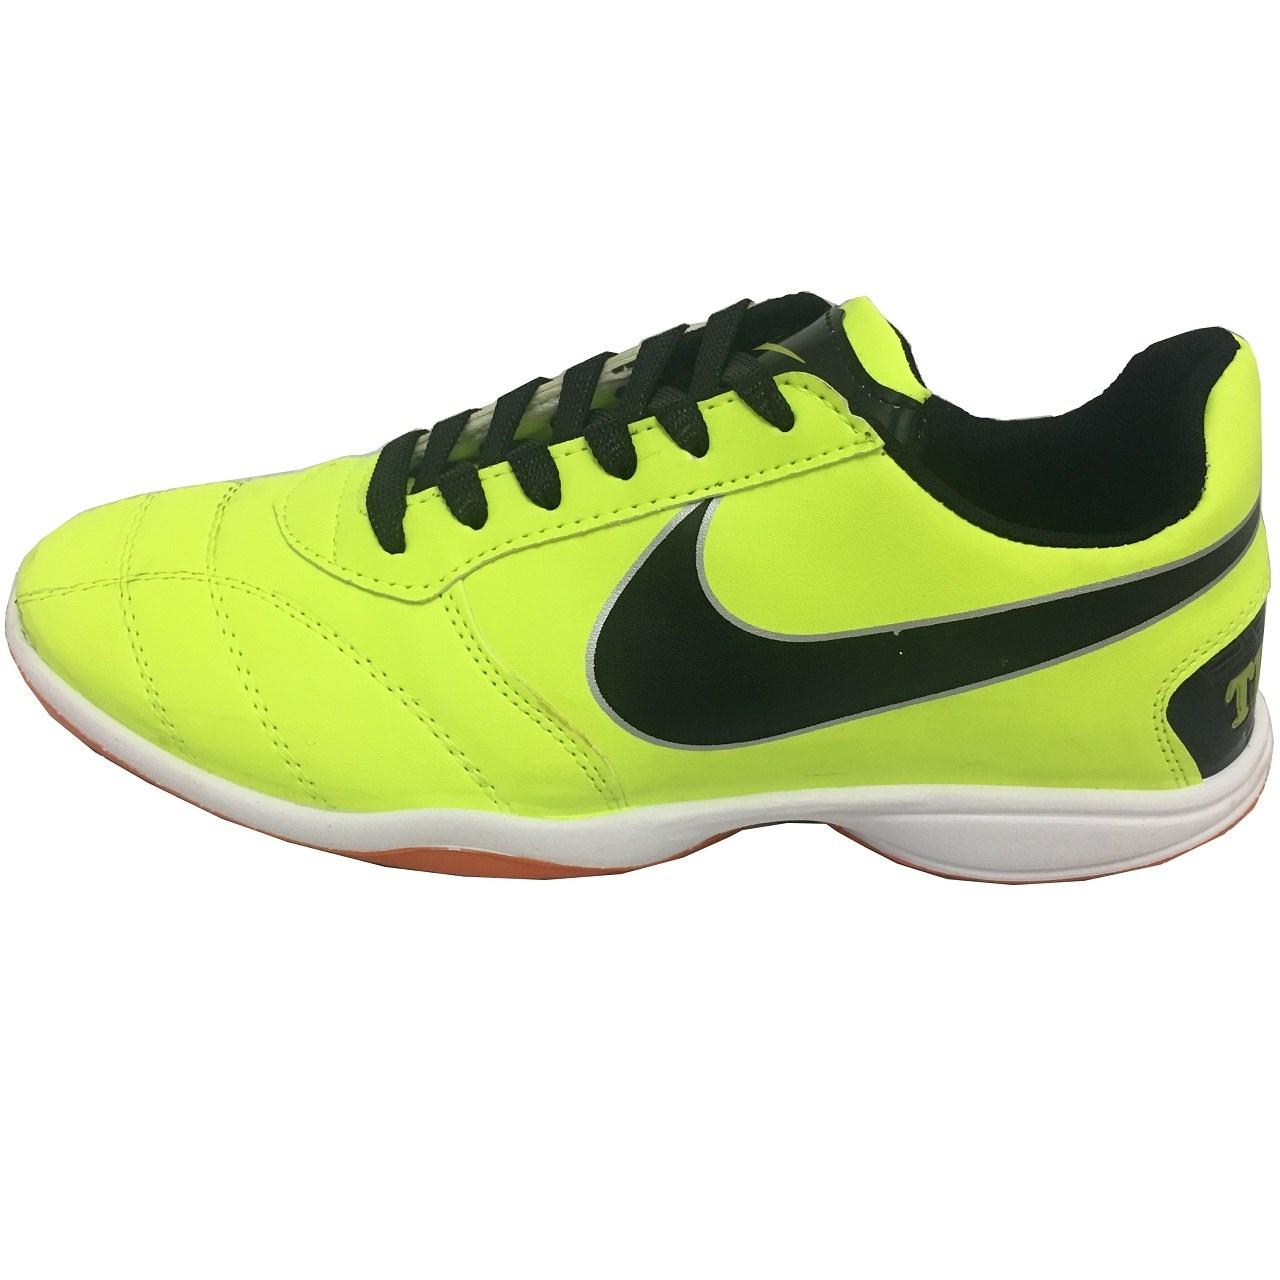 قیمت کفش فوتسال مردانه مدل A021